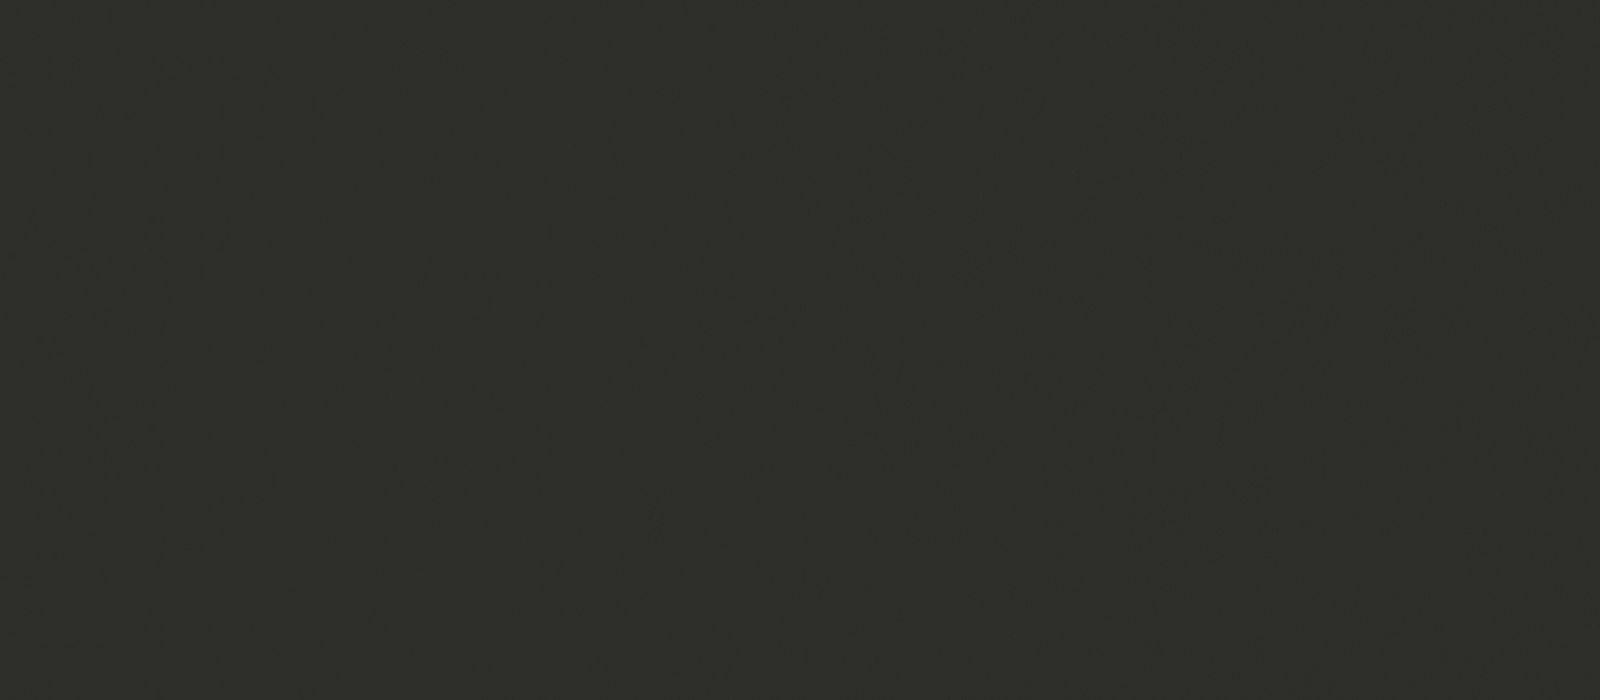 csm F4366055 73b4125dbd